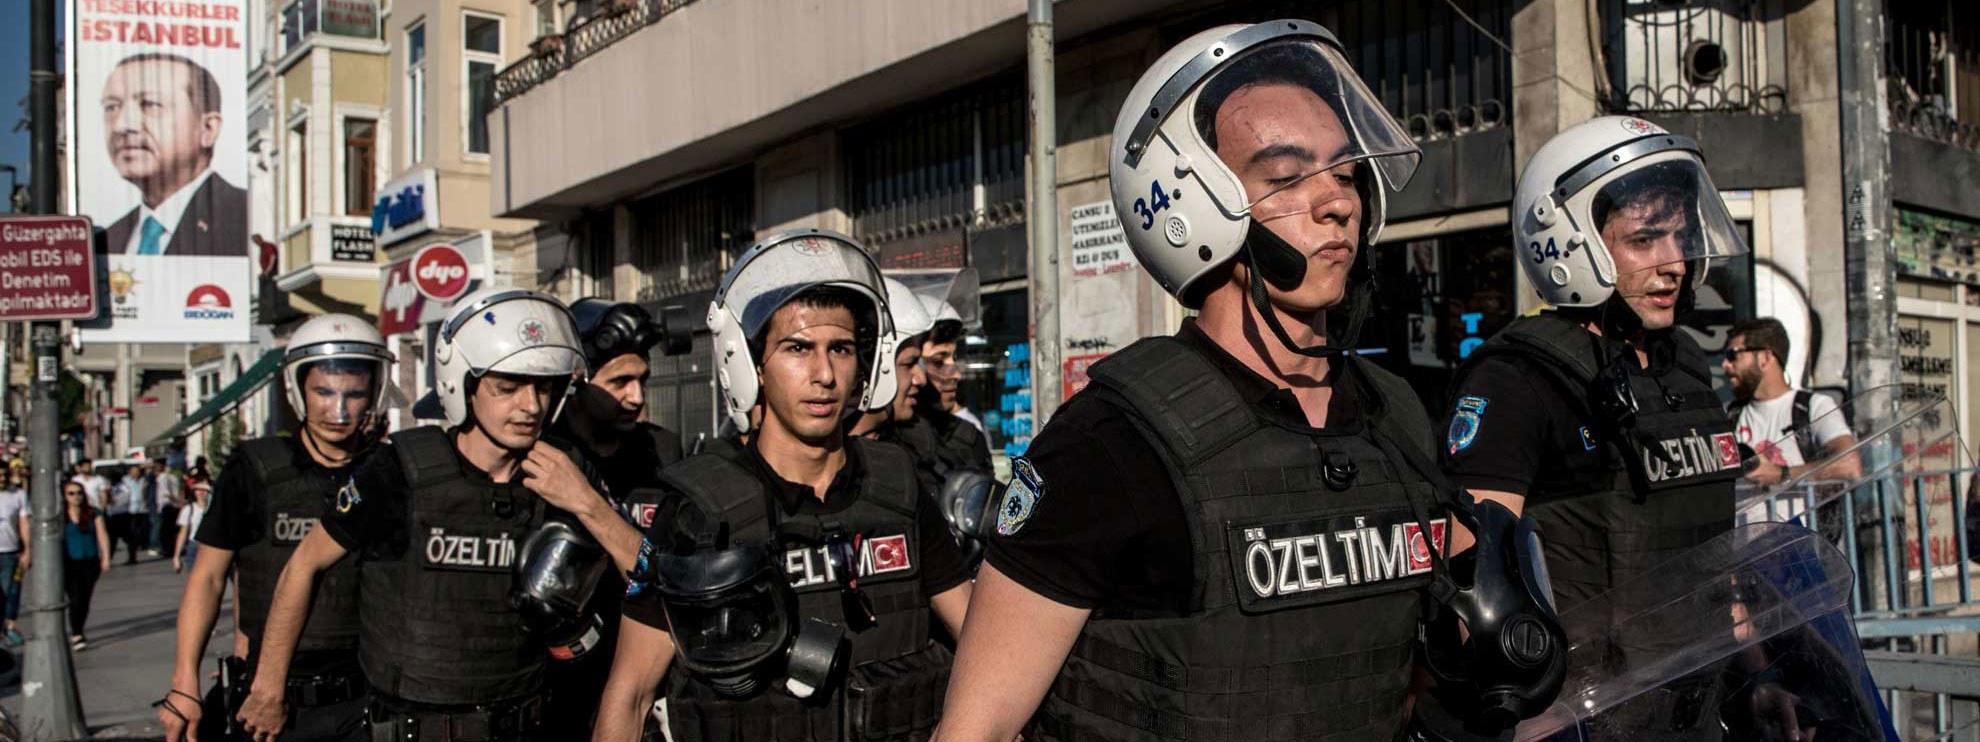 La police anti-émeute hautement équipée dans les rues d'Istanbul le 1er juillet 2018. © Chris McGrath/Getty Images